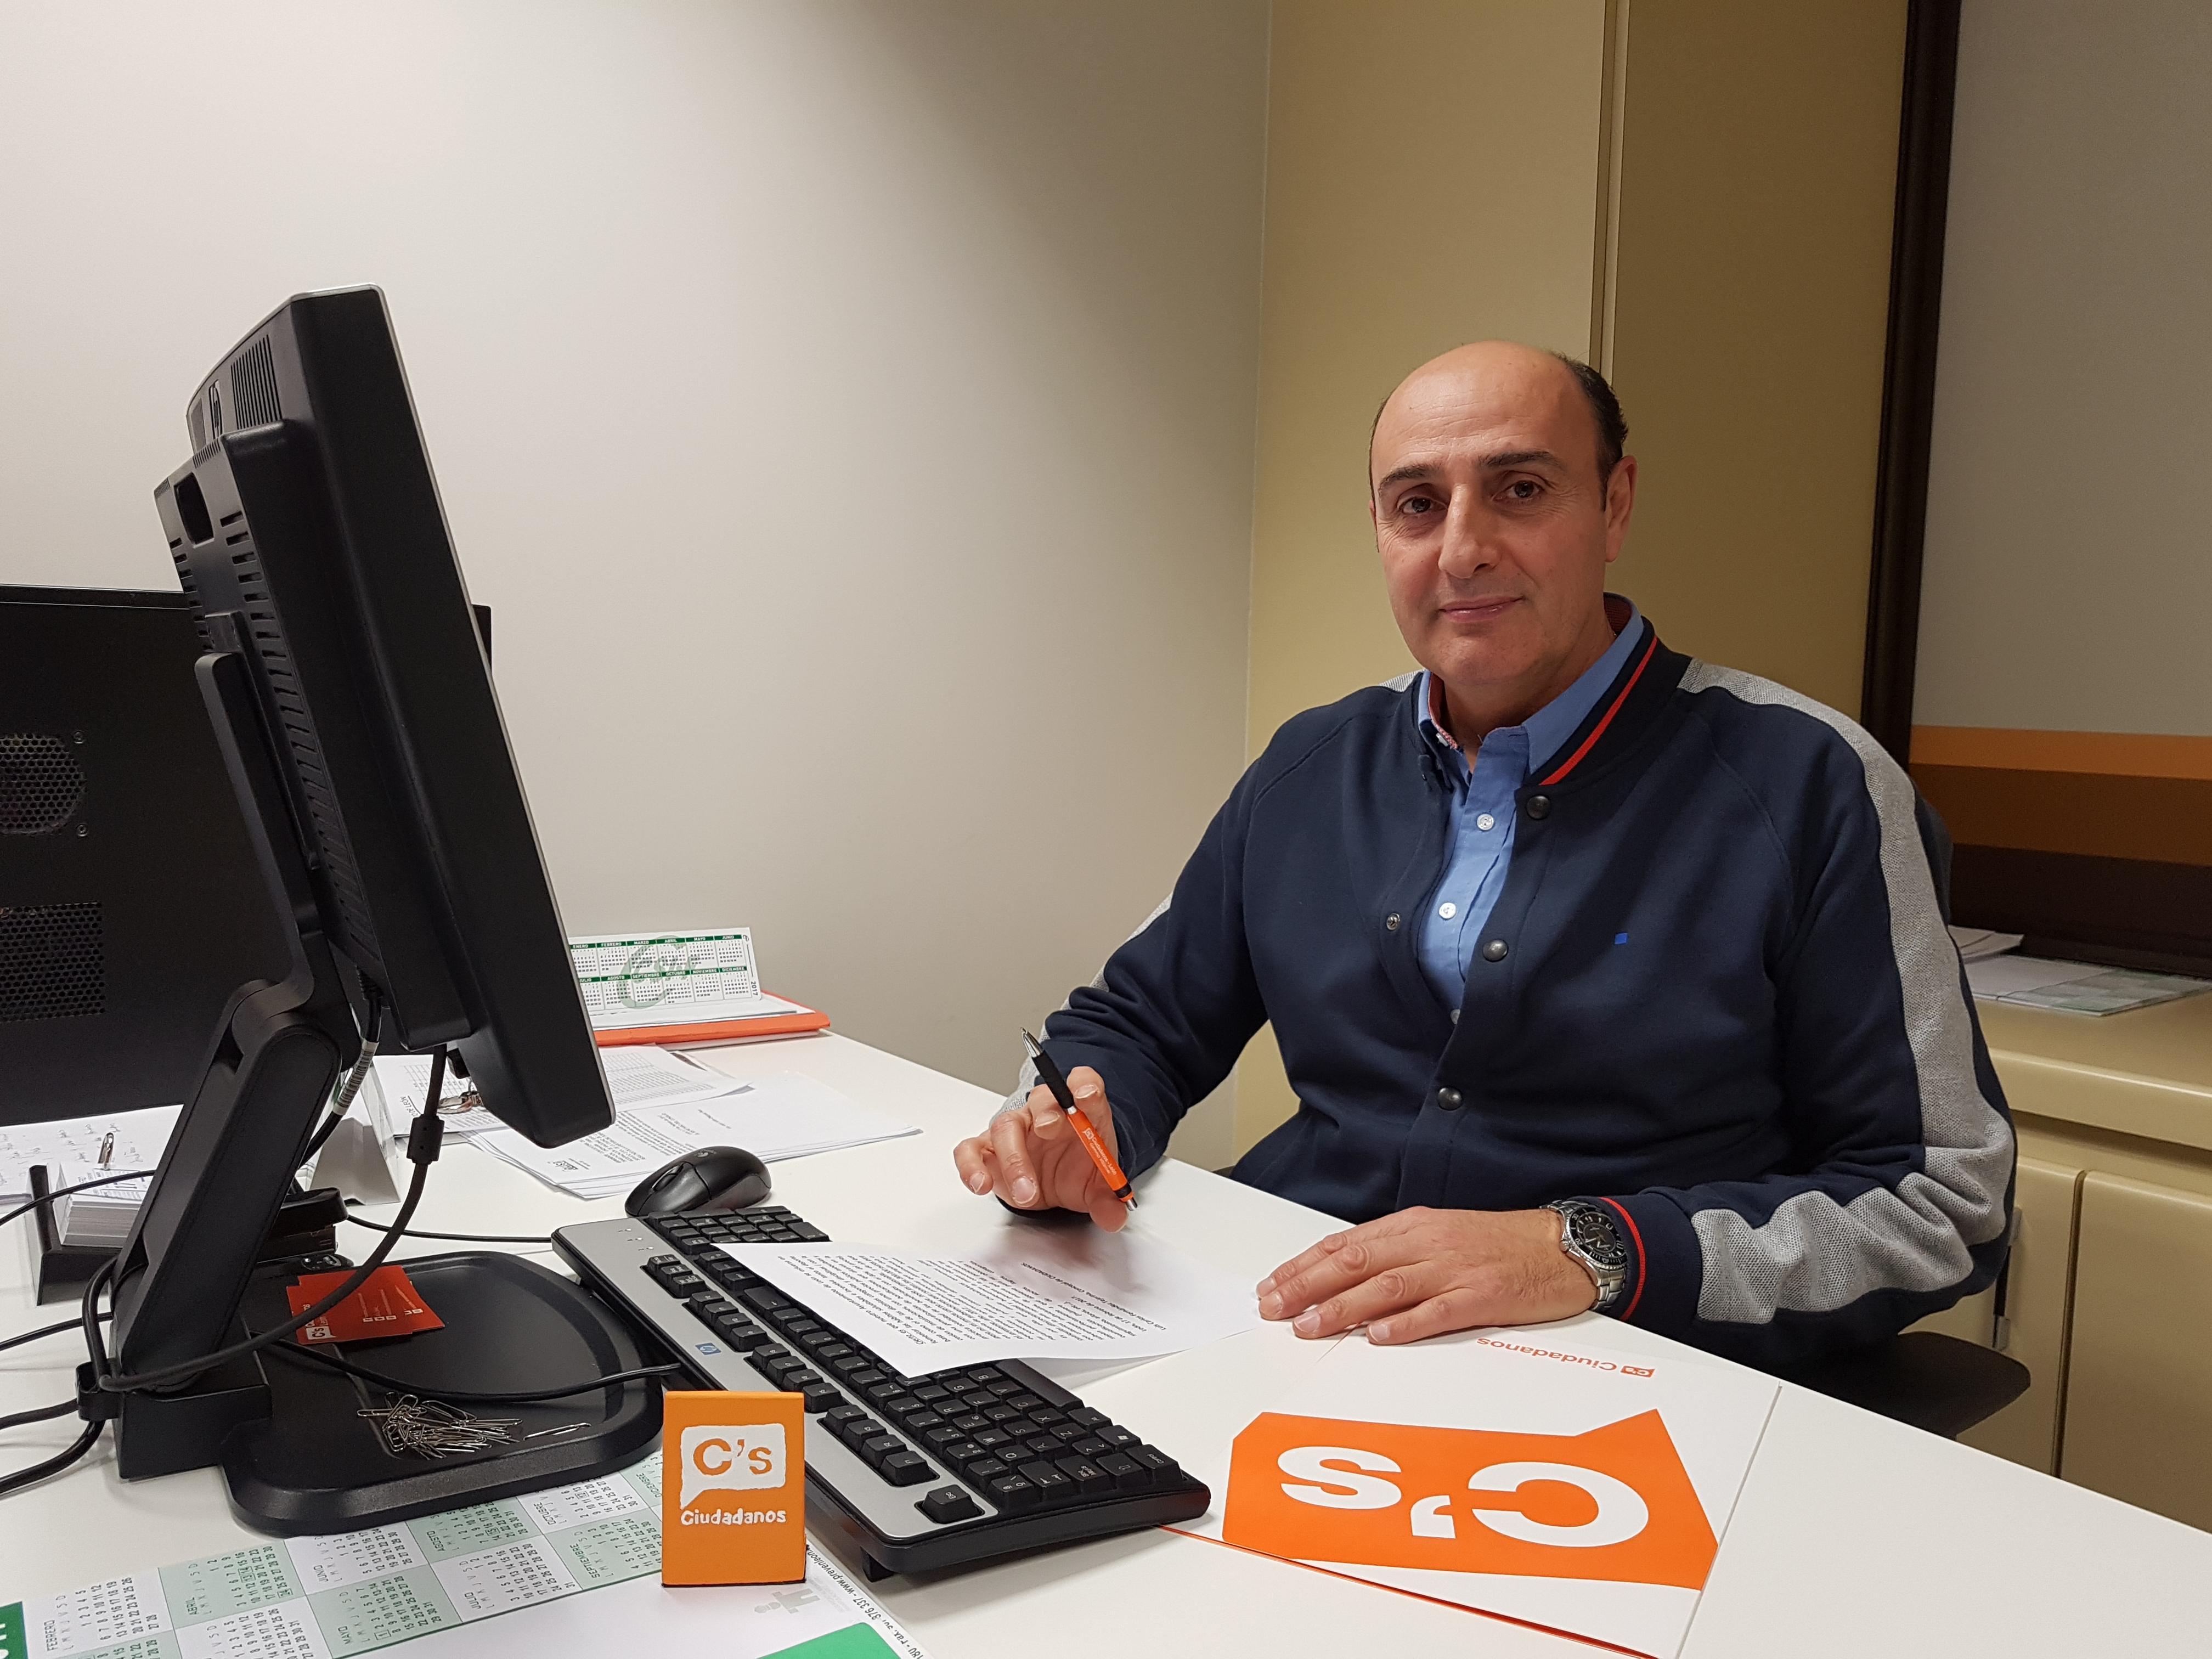 Concejal de Cs León Luis Carlos Fdez Tejerina